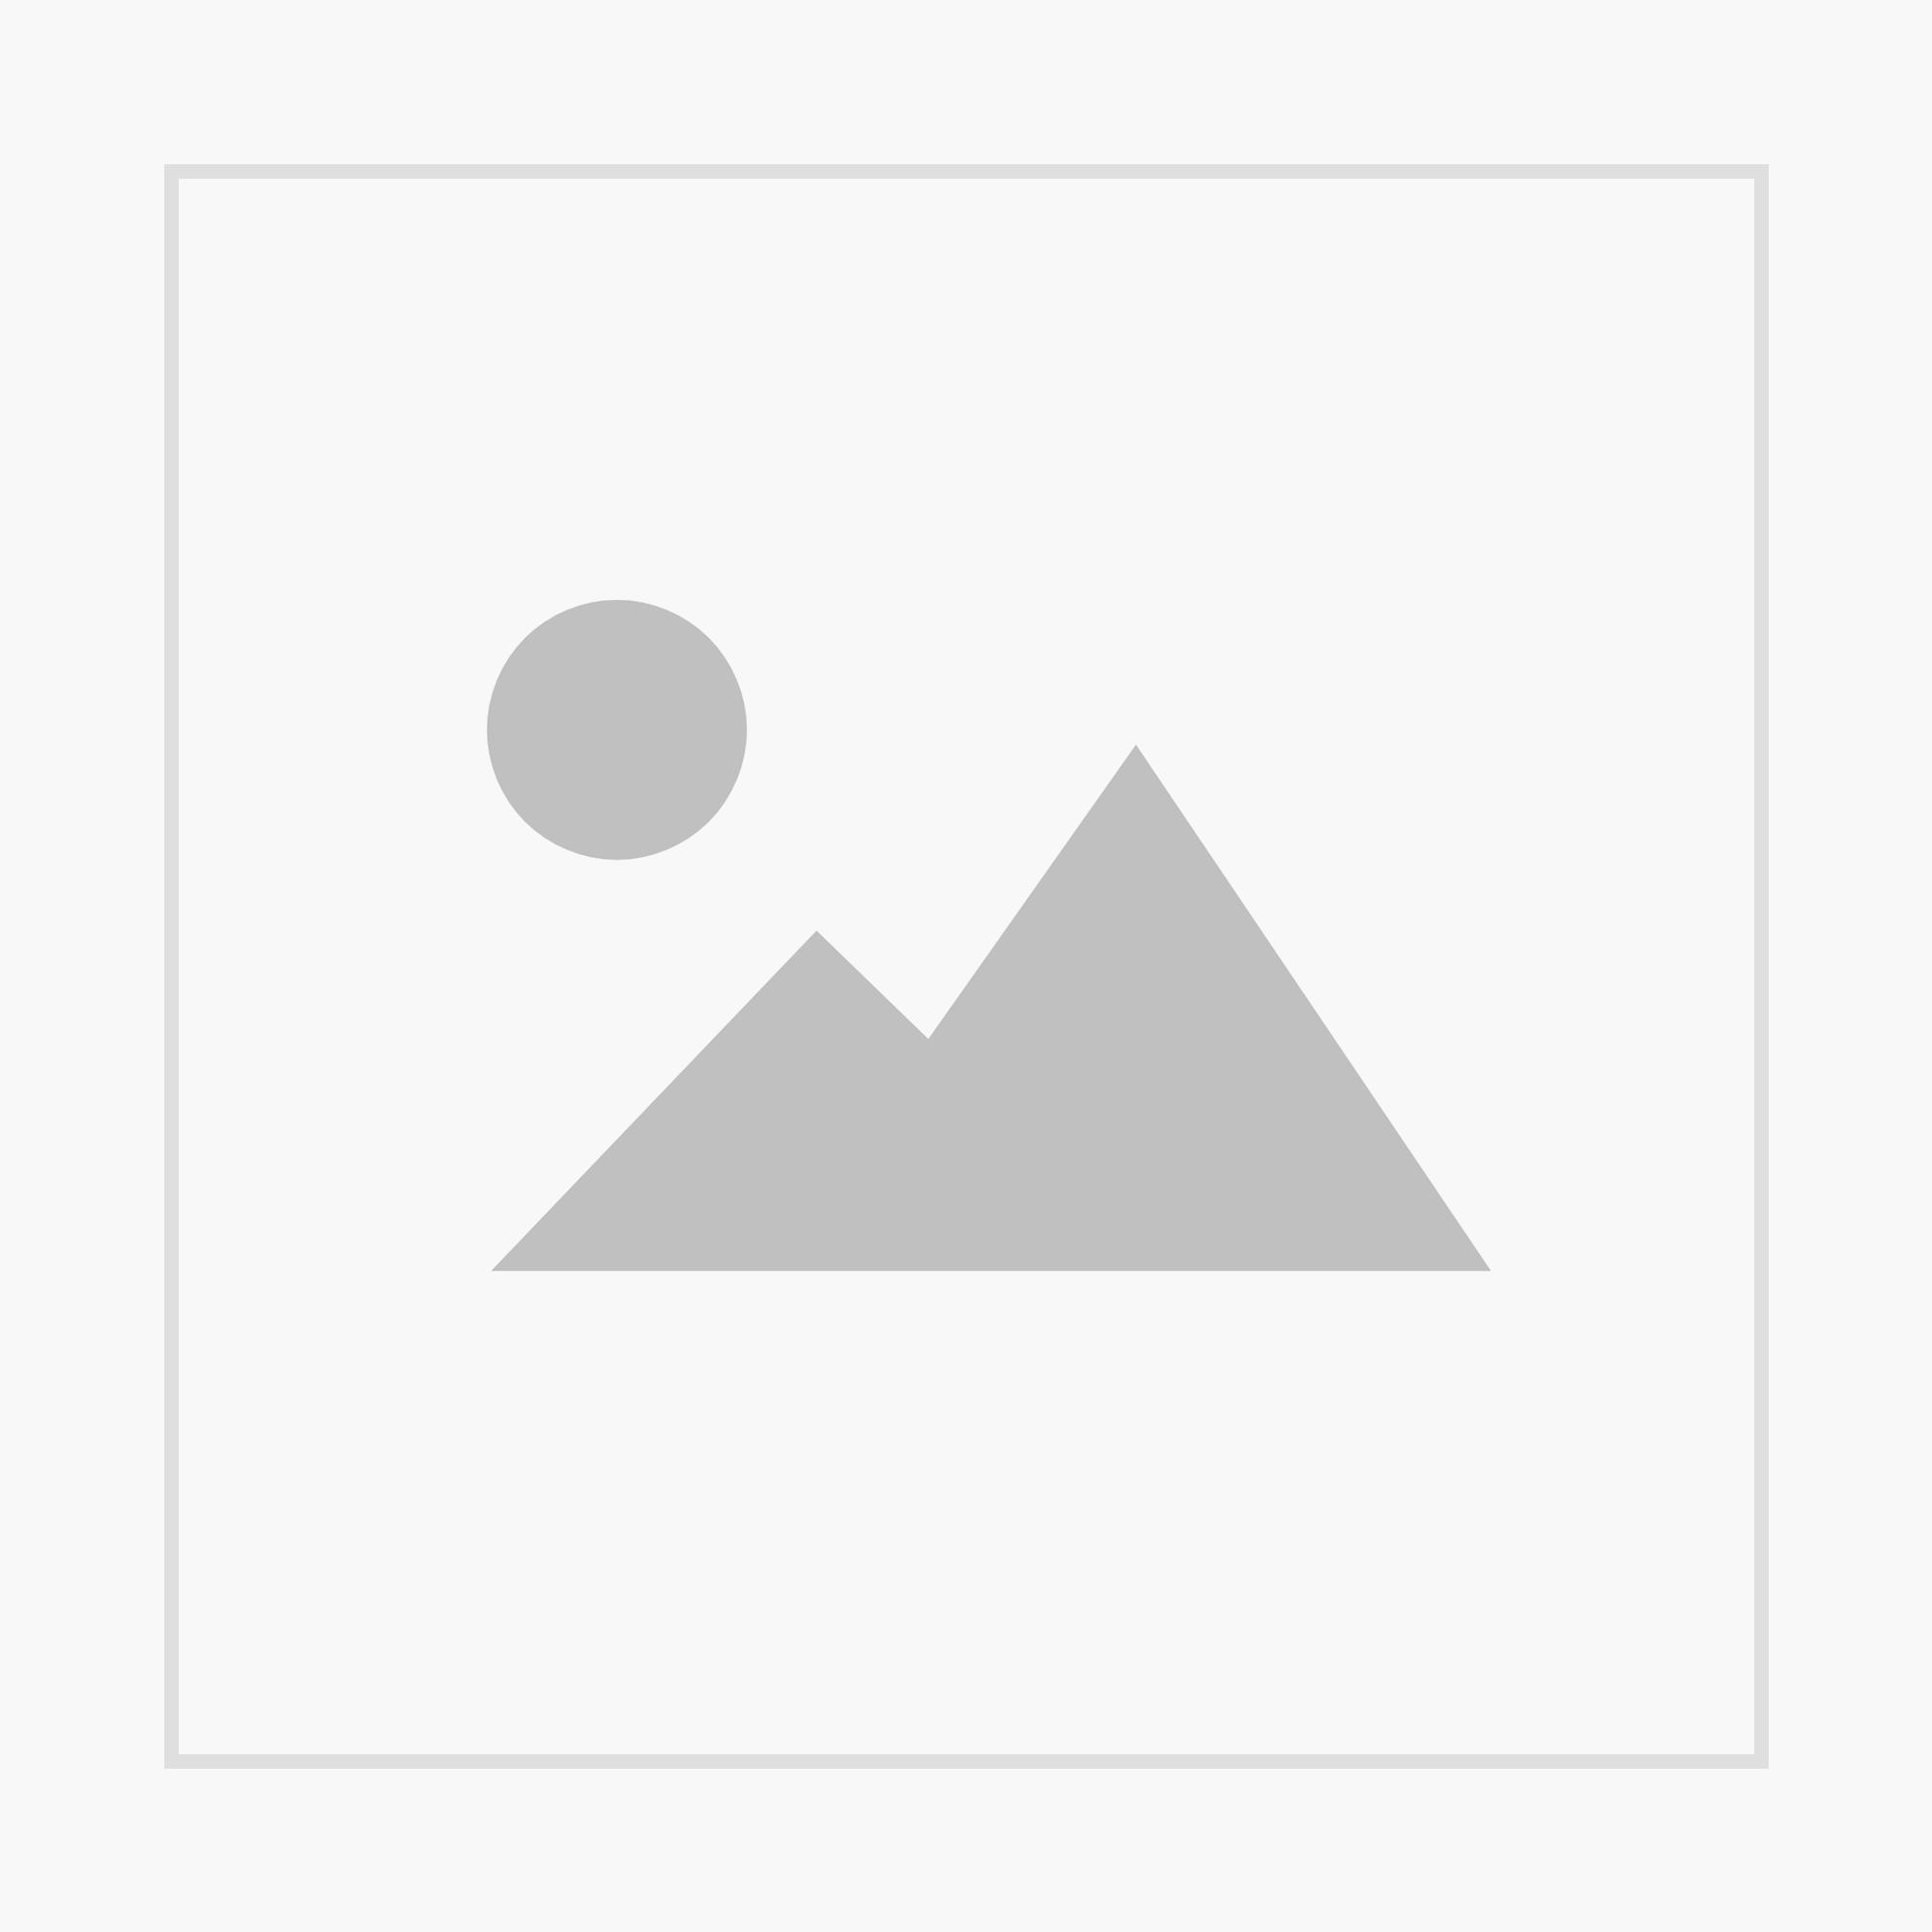 PDF: NaBiV Heft 160: Bestimmung der Erheblichkeit und Beachtung von Kumulationswirkungen in der FFH-Verträglichkeitsprüfung